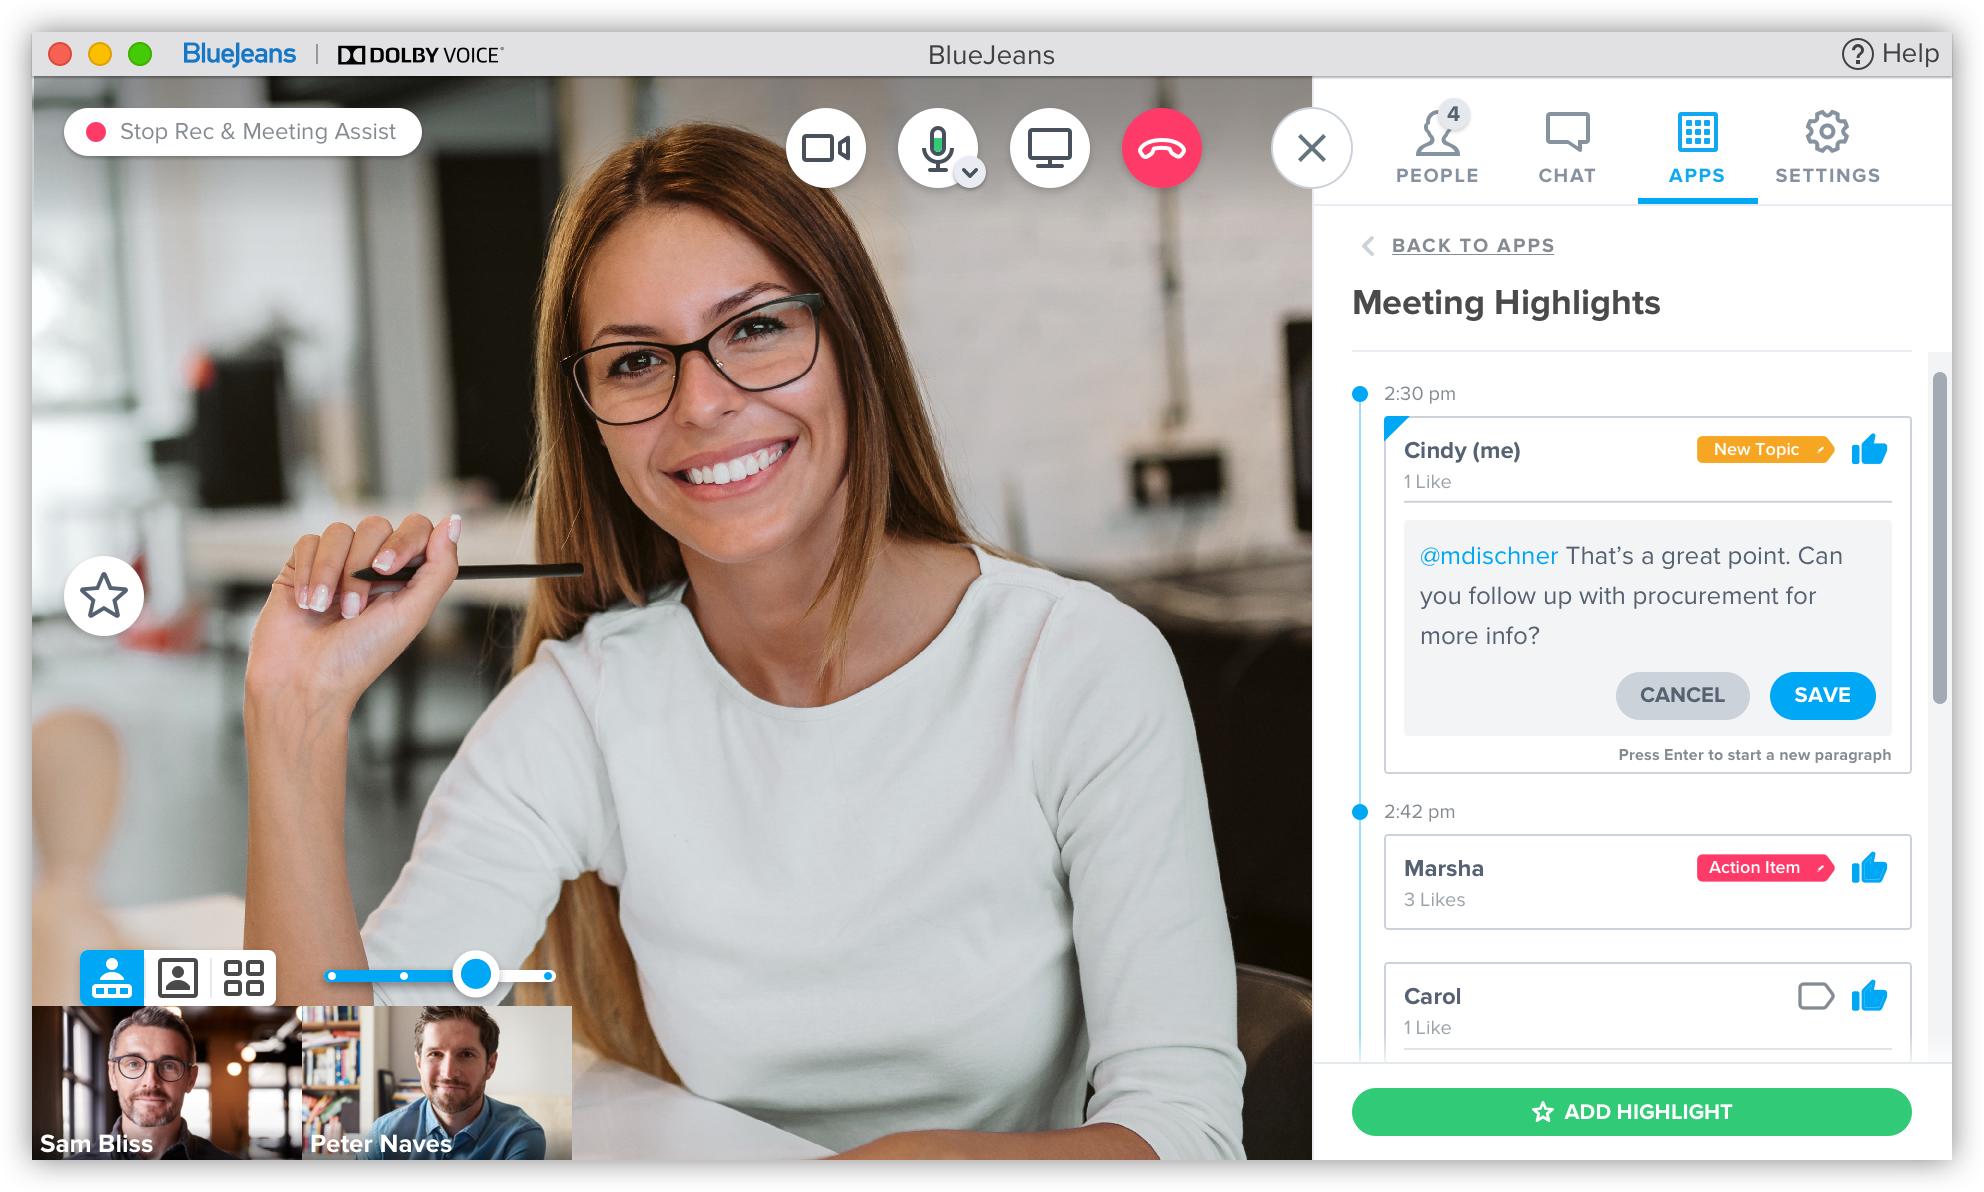 BlueJeans Smart Meetings Highlights